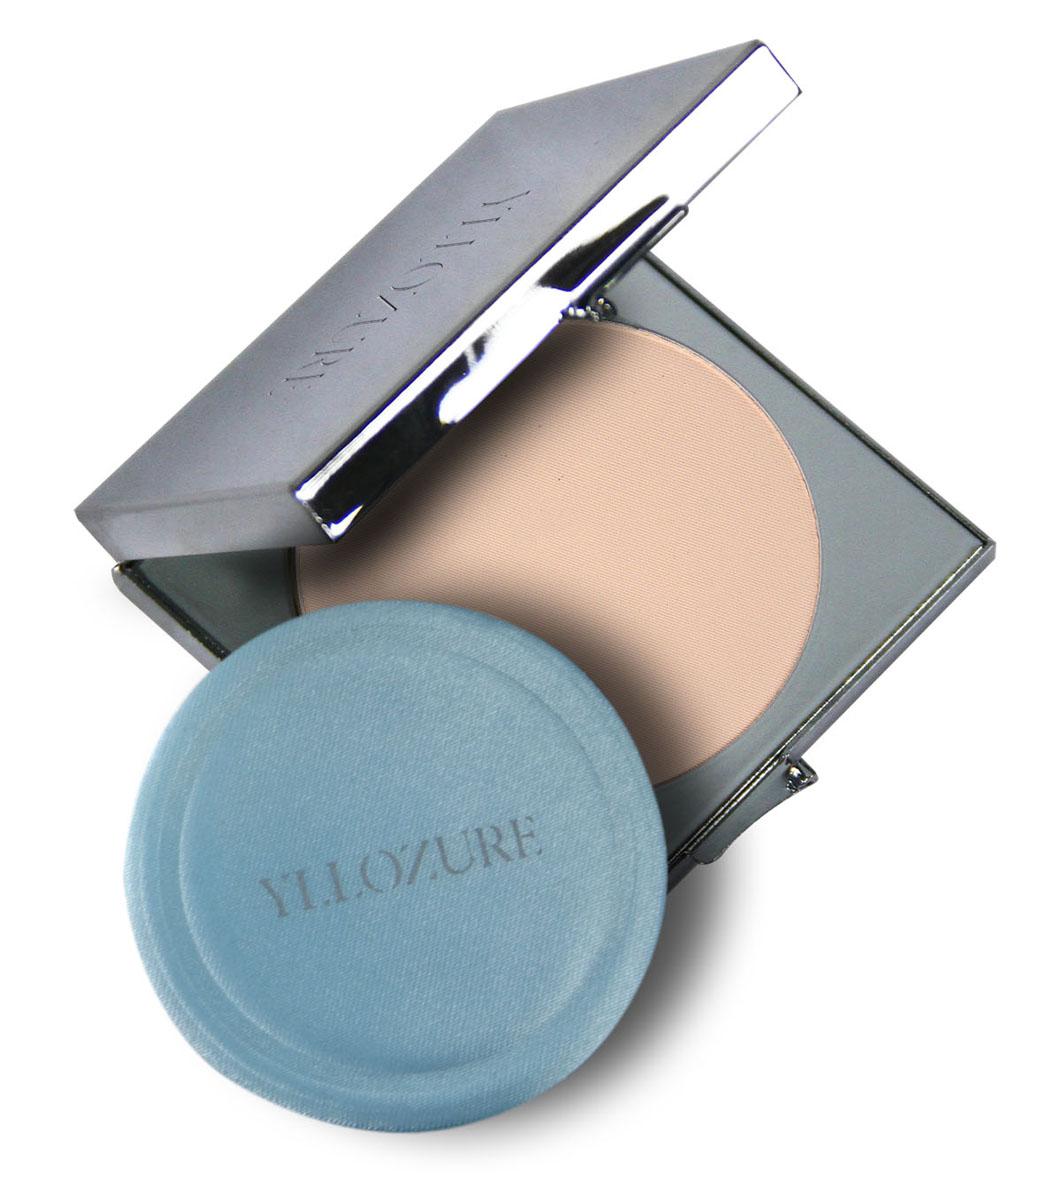 Yllozure Пудра компактная VELOUTEE, тон 03, 10 гр4203Пудра компактная Велутэ - бархатная кожа, обладает нежной, бархатистой структурой, обеспечивающей легко нанесение и великолепное покрытие, надежно и качественно скрывающее пигментацию и небольшие недостатки кожи.Прессованная пудра имеет в составе комплекс светоотражающих пигментов, которые придают мягкое свечение коже и эффект ее свечения, благодаря способности рассеивать прямые лучи света.Она долго держится, не осыпается, сохраняет привлекательный внешний вид вашей кожи на весь день.Пудра обладает выравнивающими свойствами, маскирует мелкие недостатки, придает коже естественный вид и ровный тон